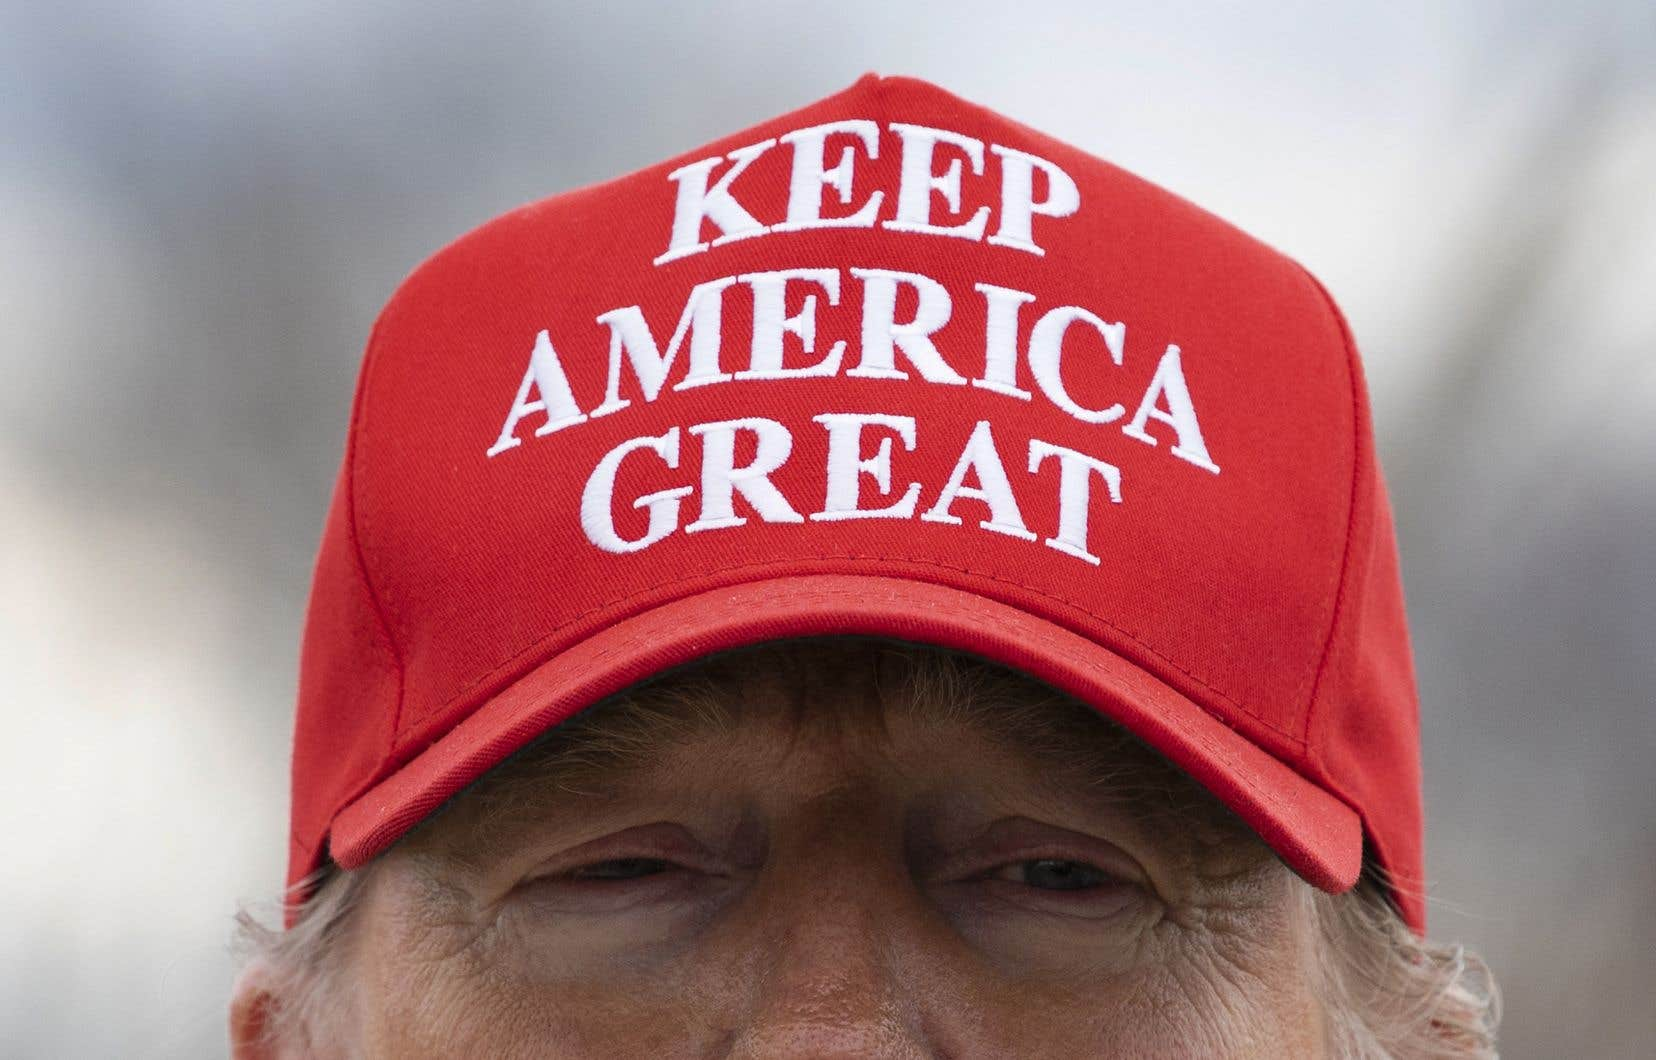 En 2017, quelques heures à peine après son assermentation à titre de 45eprésident des États-Unis, il a officiellement déposé sa candidature pour un deuxième mandat en 2020, promettant «huit années» de «grandes choses».